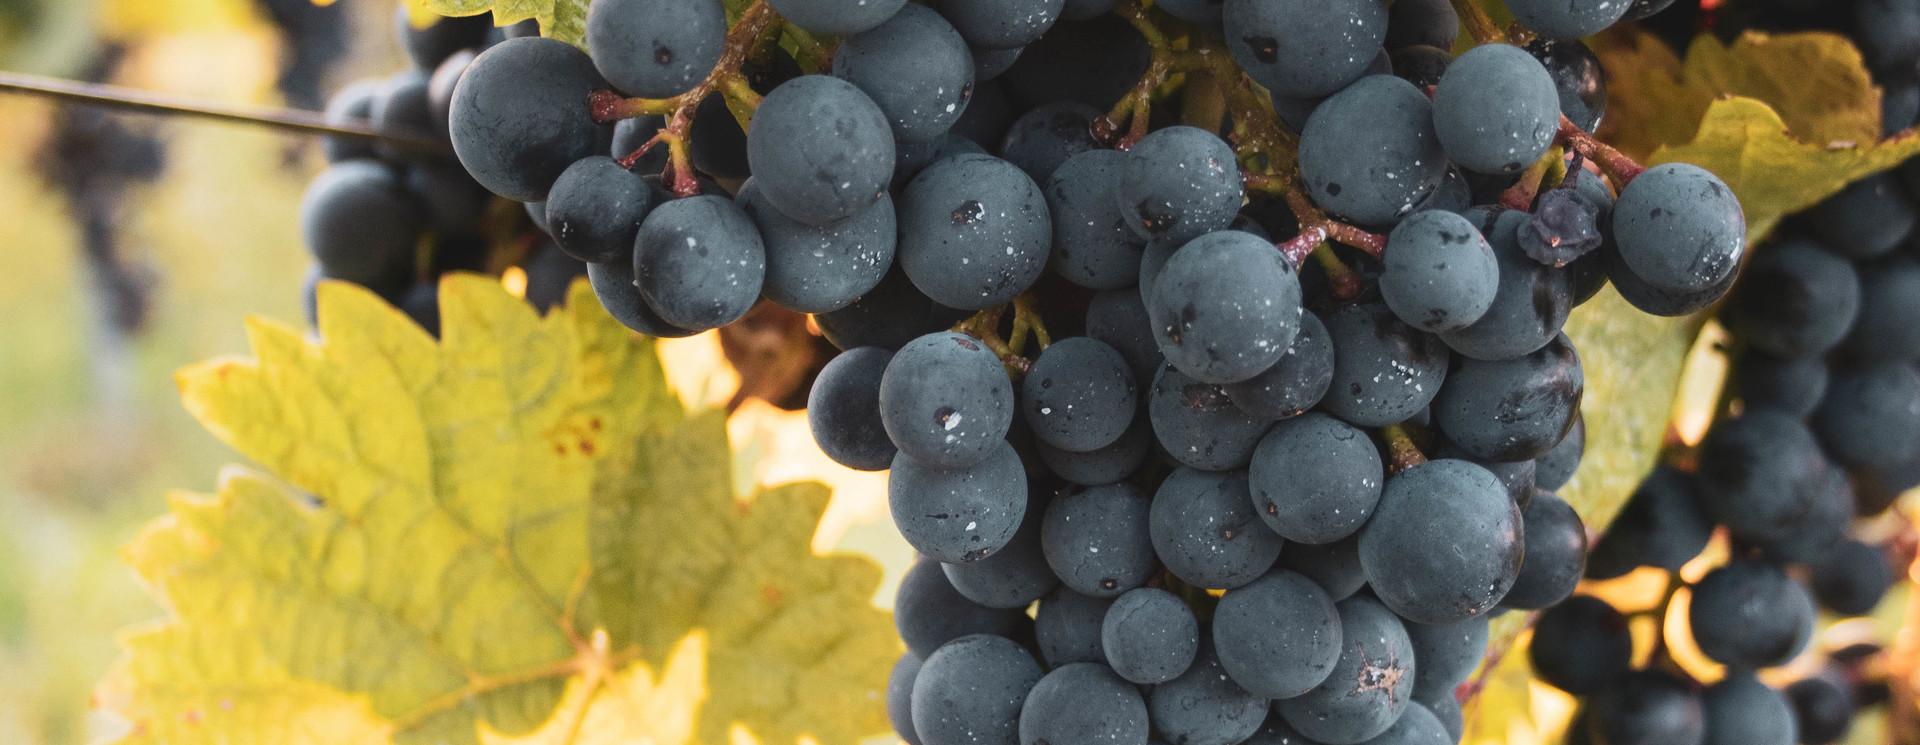 Limburgse witte wijnen